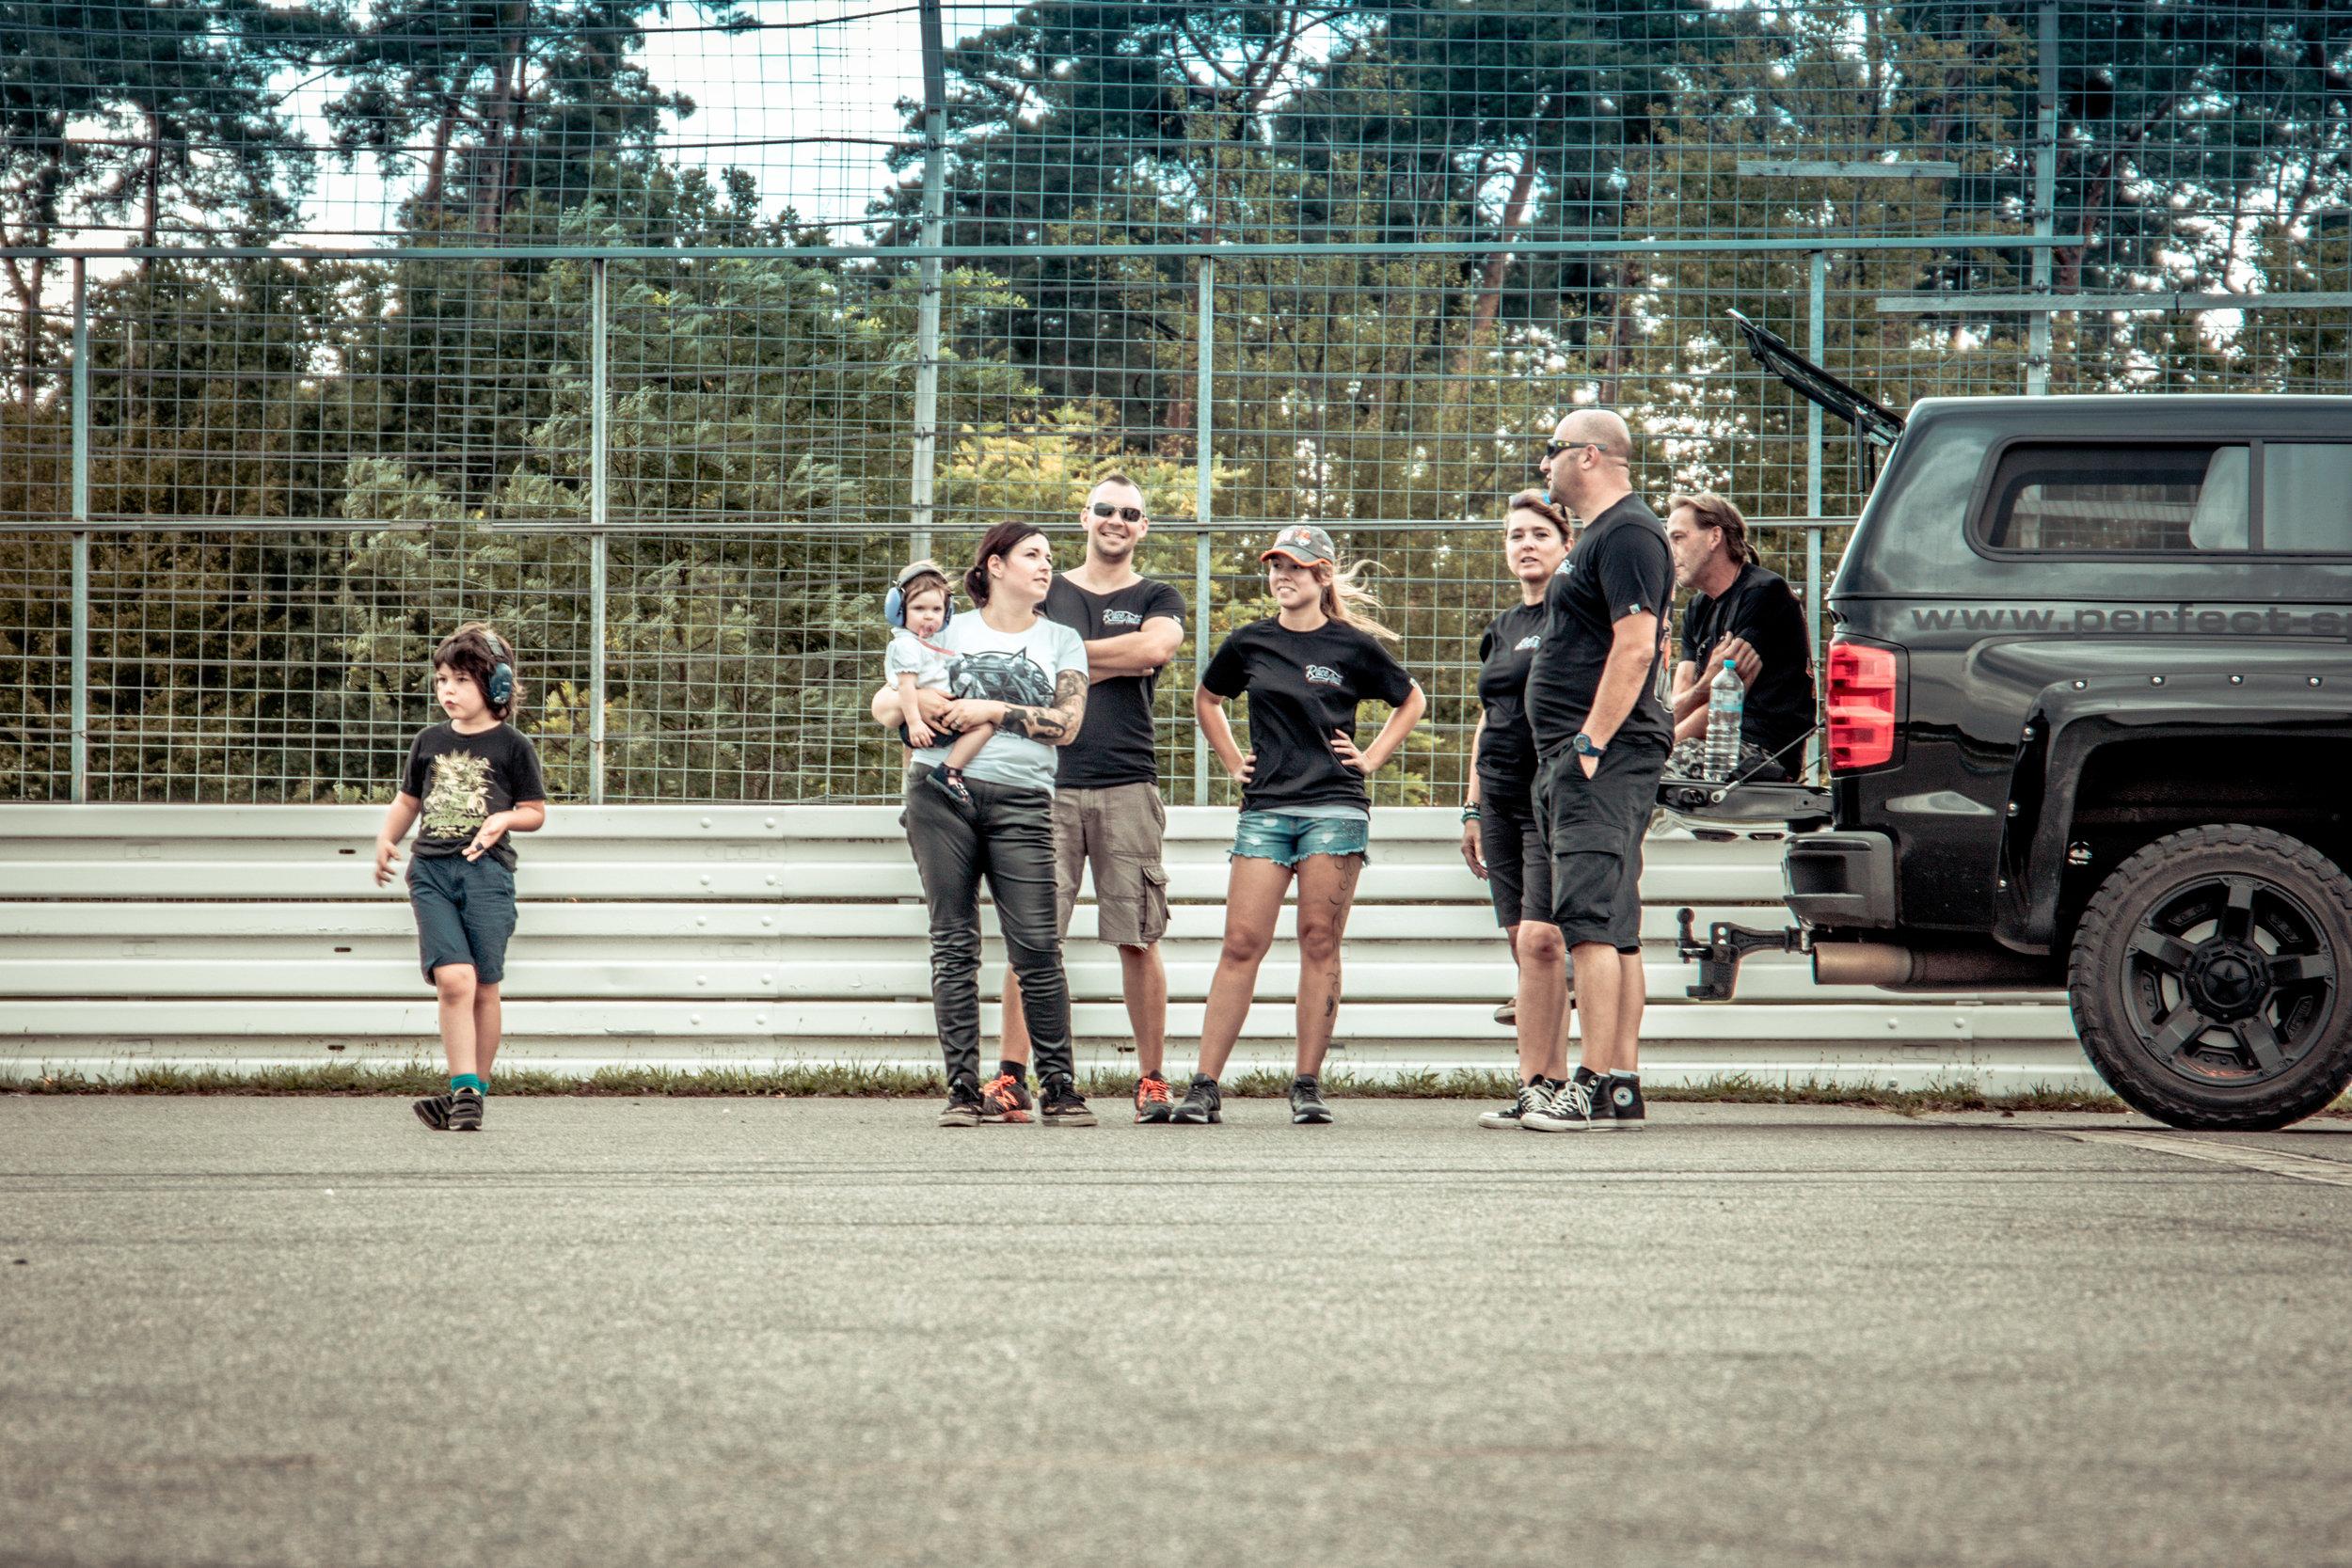 Race Antz Willys 2017 by Dirk Behlau-8560.jpg